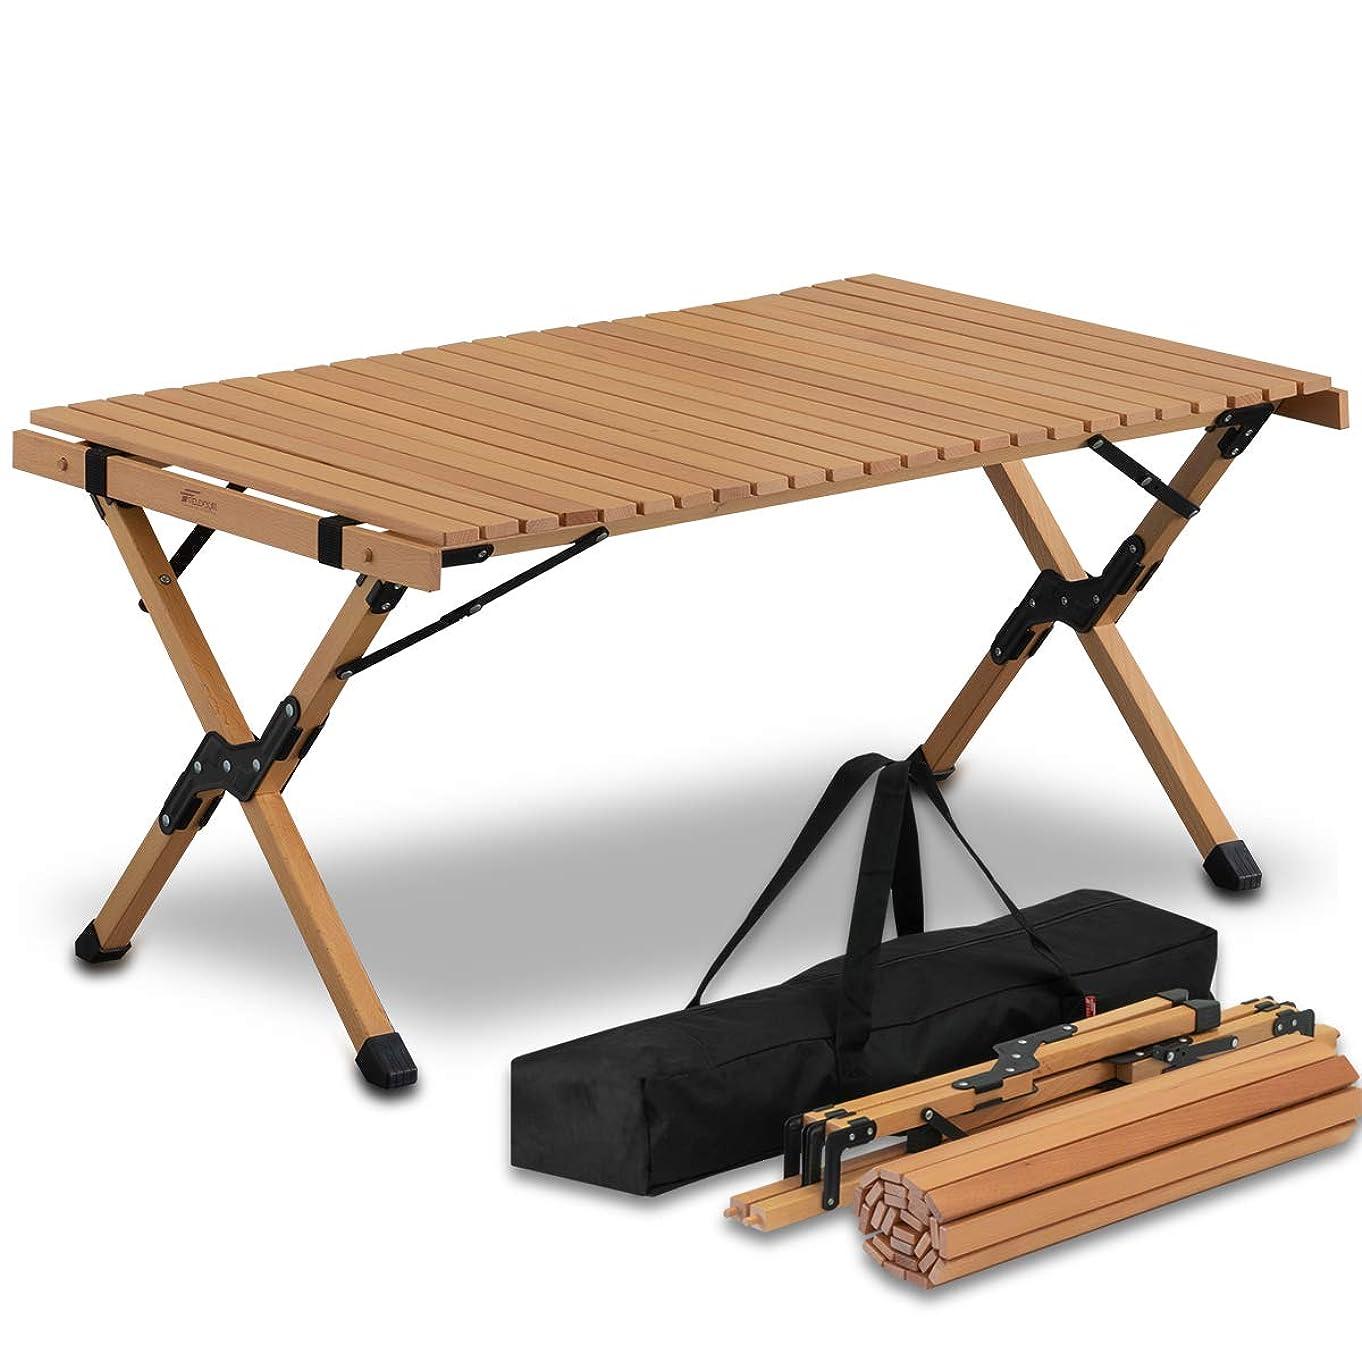 内向き上何故なのFIELDOOR ウッドロールトップテーブル 幅90×奥行き60×高さ45cm 天然木 コンパクト 収納 簡単組立 収納バッグ付 ローテーブル インテリア キャンプ アウトドア